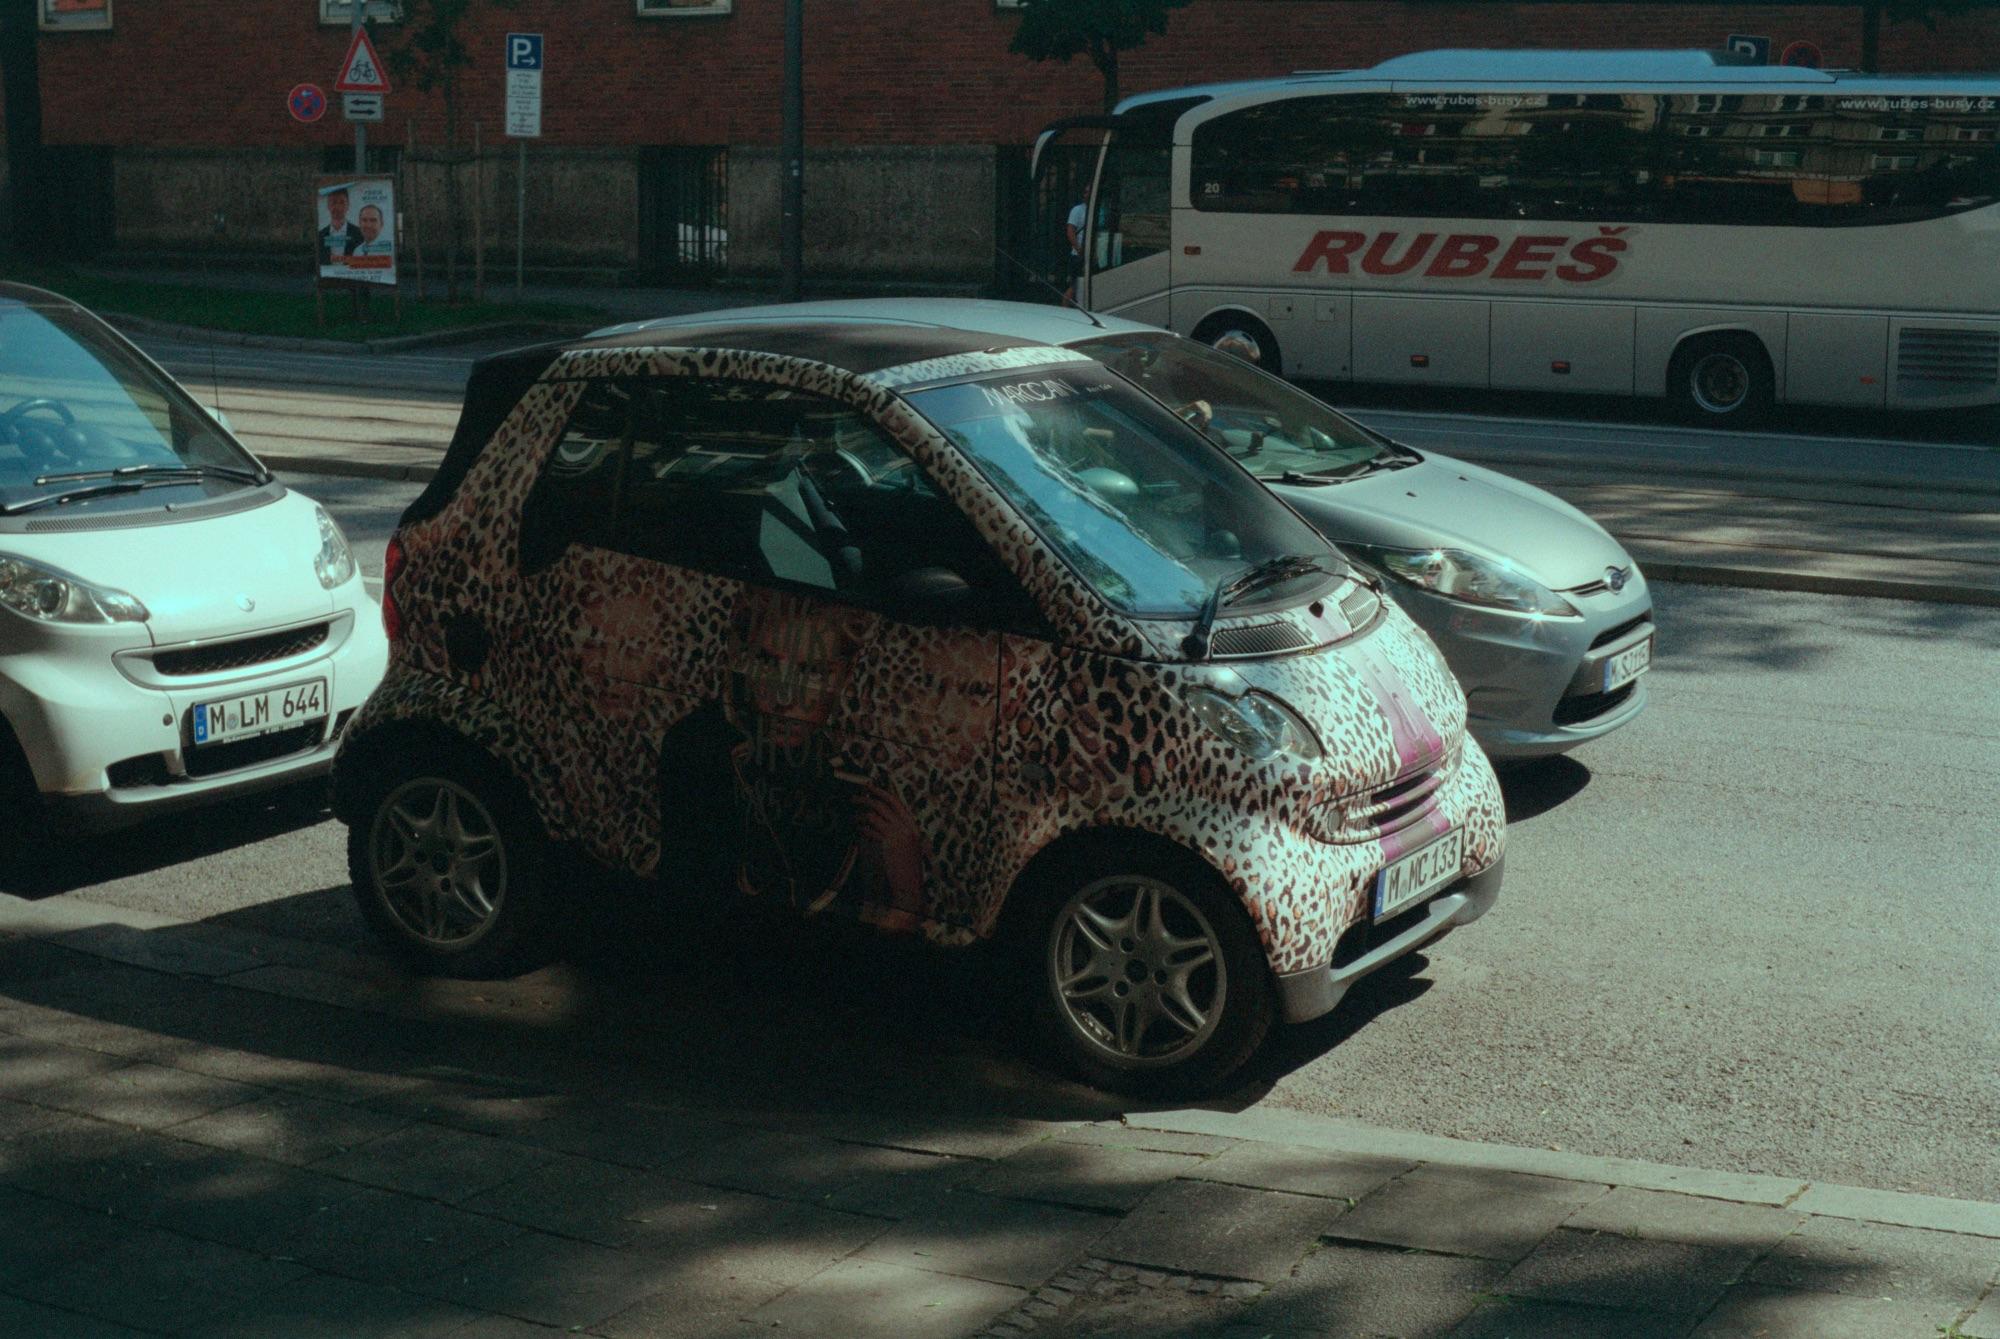 Smart Leopard